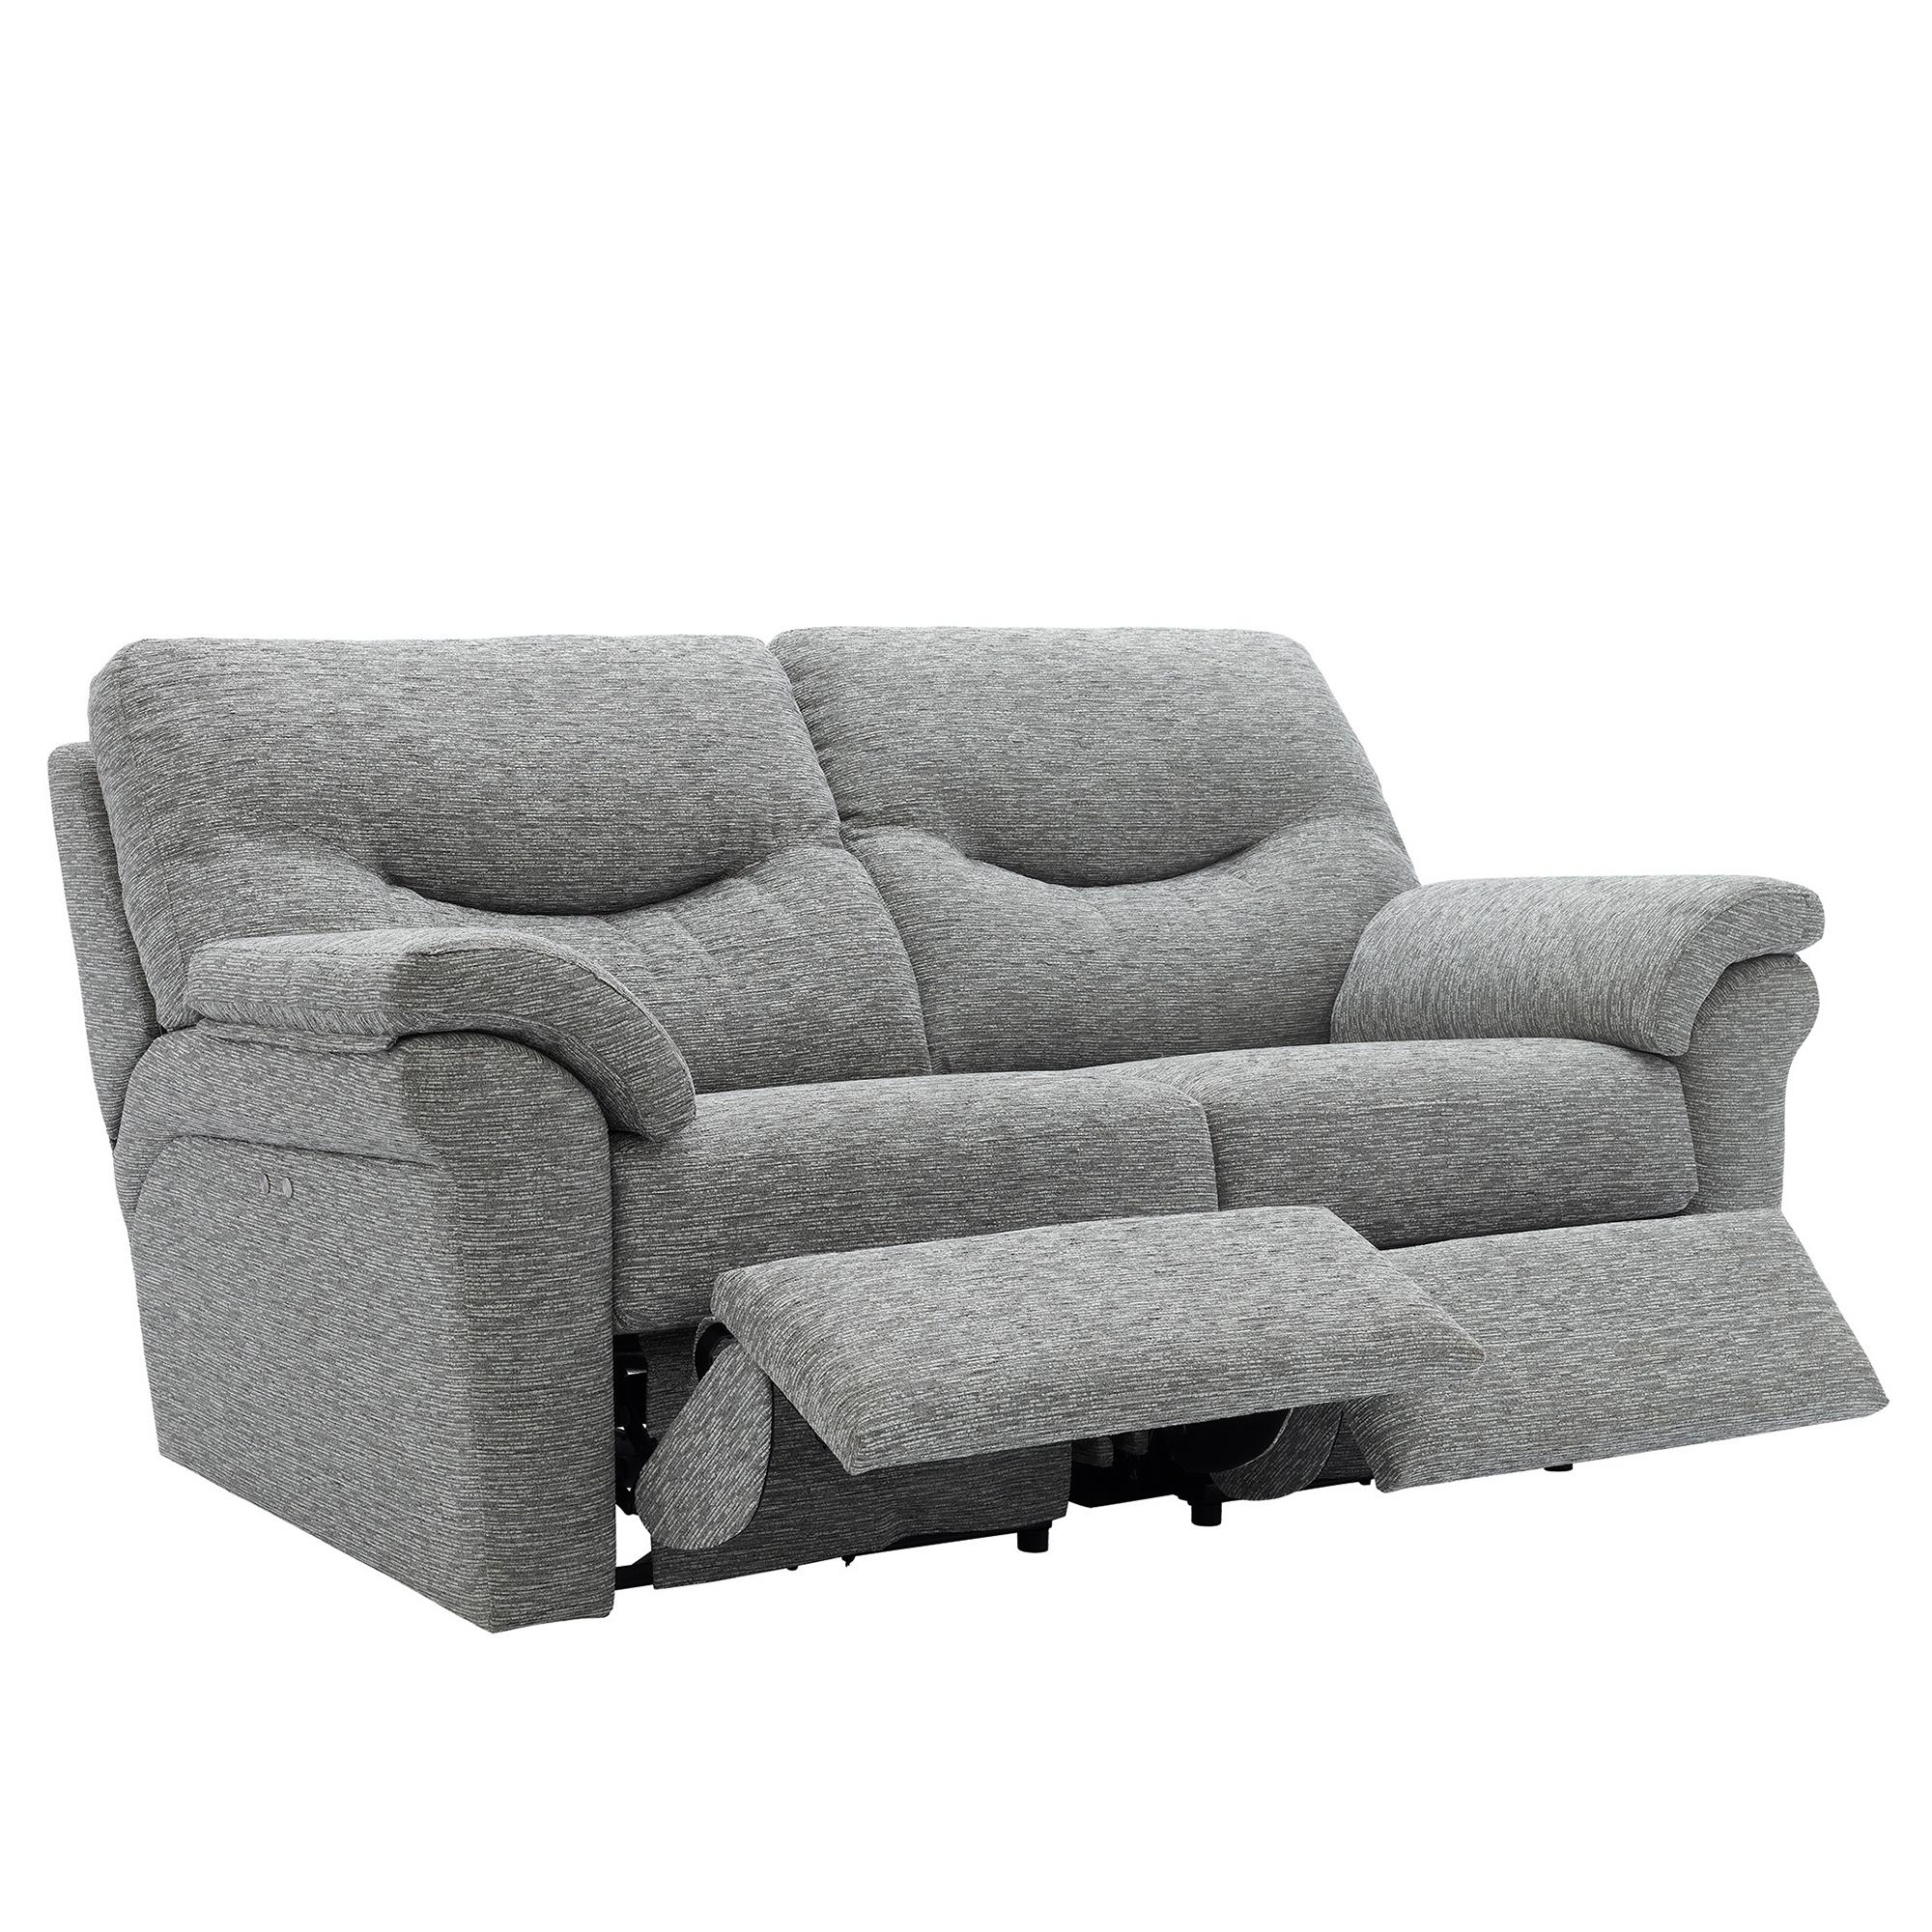 G Plan Washington 3 Seater Recliner Sofa - G Plan Upholstery ...